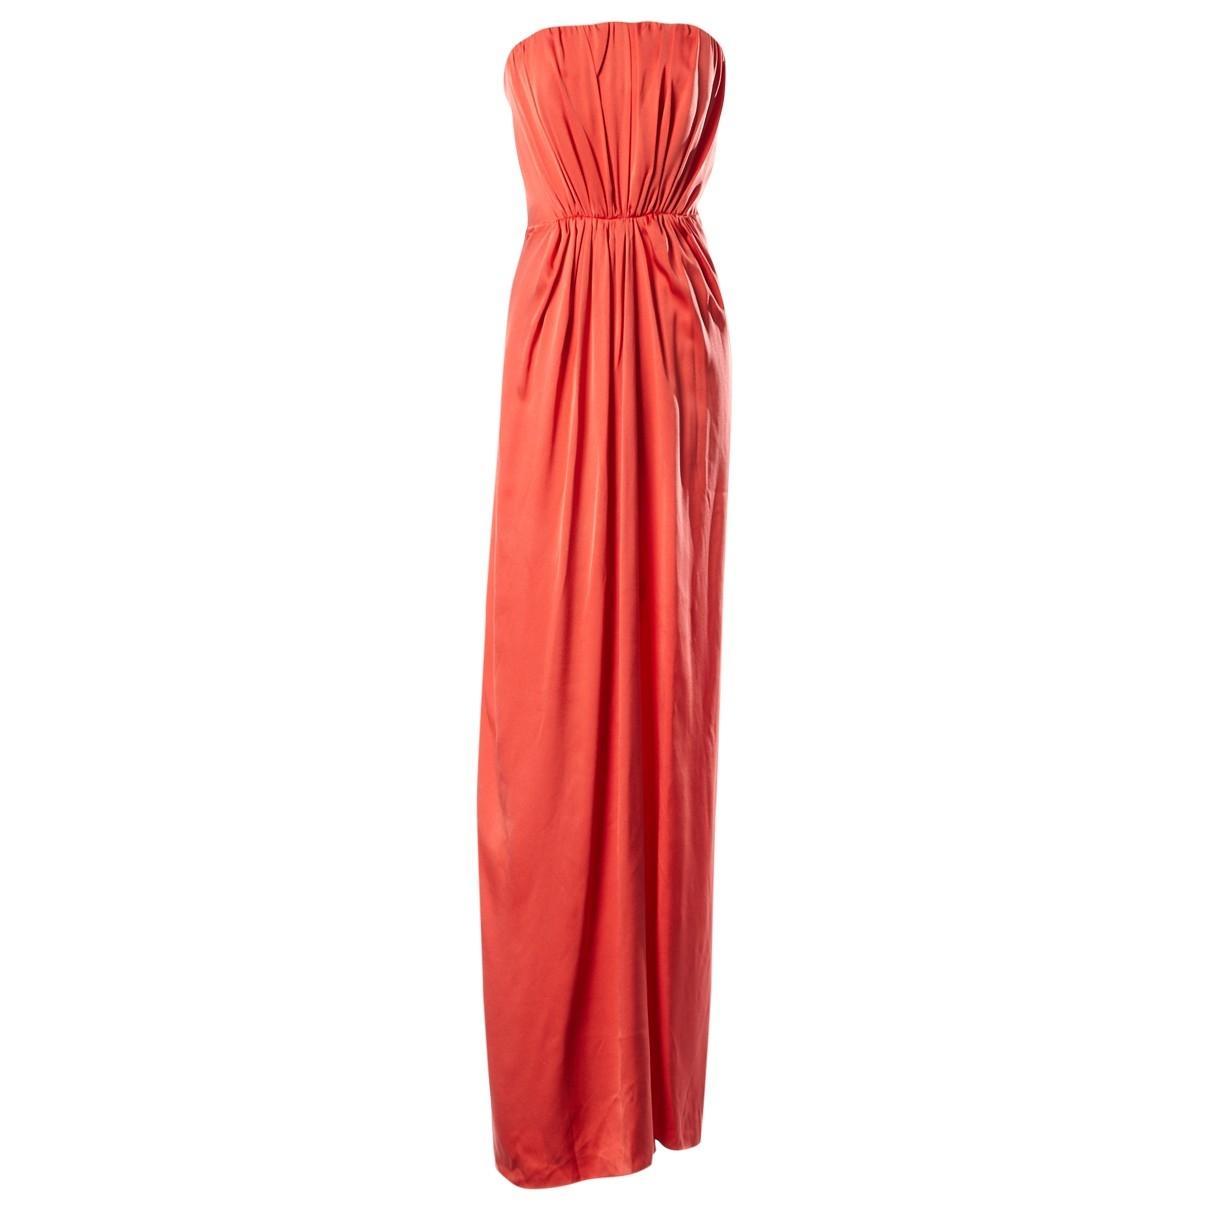 Yves Saint Laurent \N Orange Silk dress for Women 36 FR